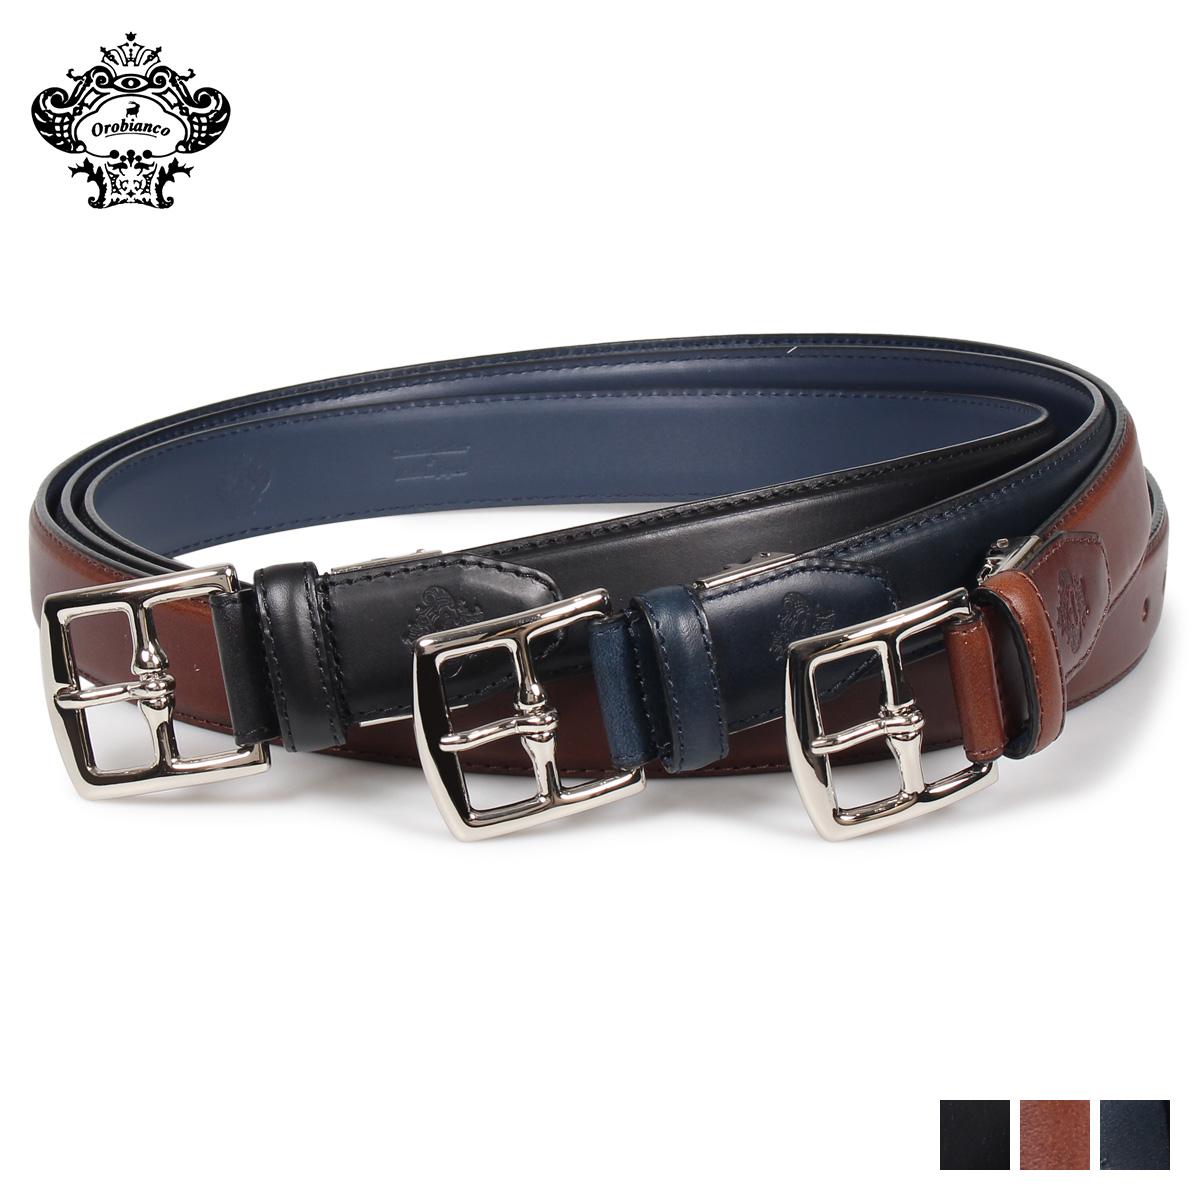 Orobianco ORB-011228 オロビアンコ ベルト レザーベルト ビジネス メンズ 本革 ブラック ネイビー ダーク ブラウン レッド 黒